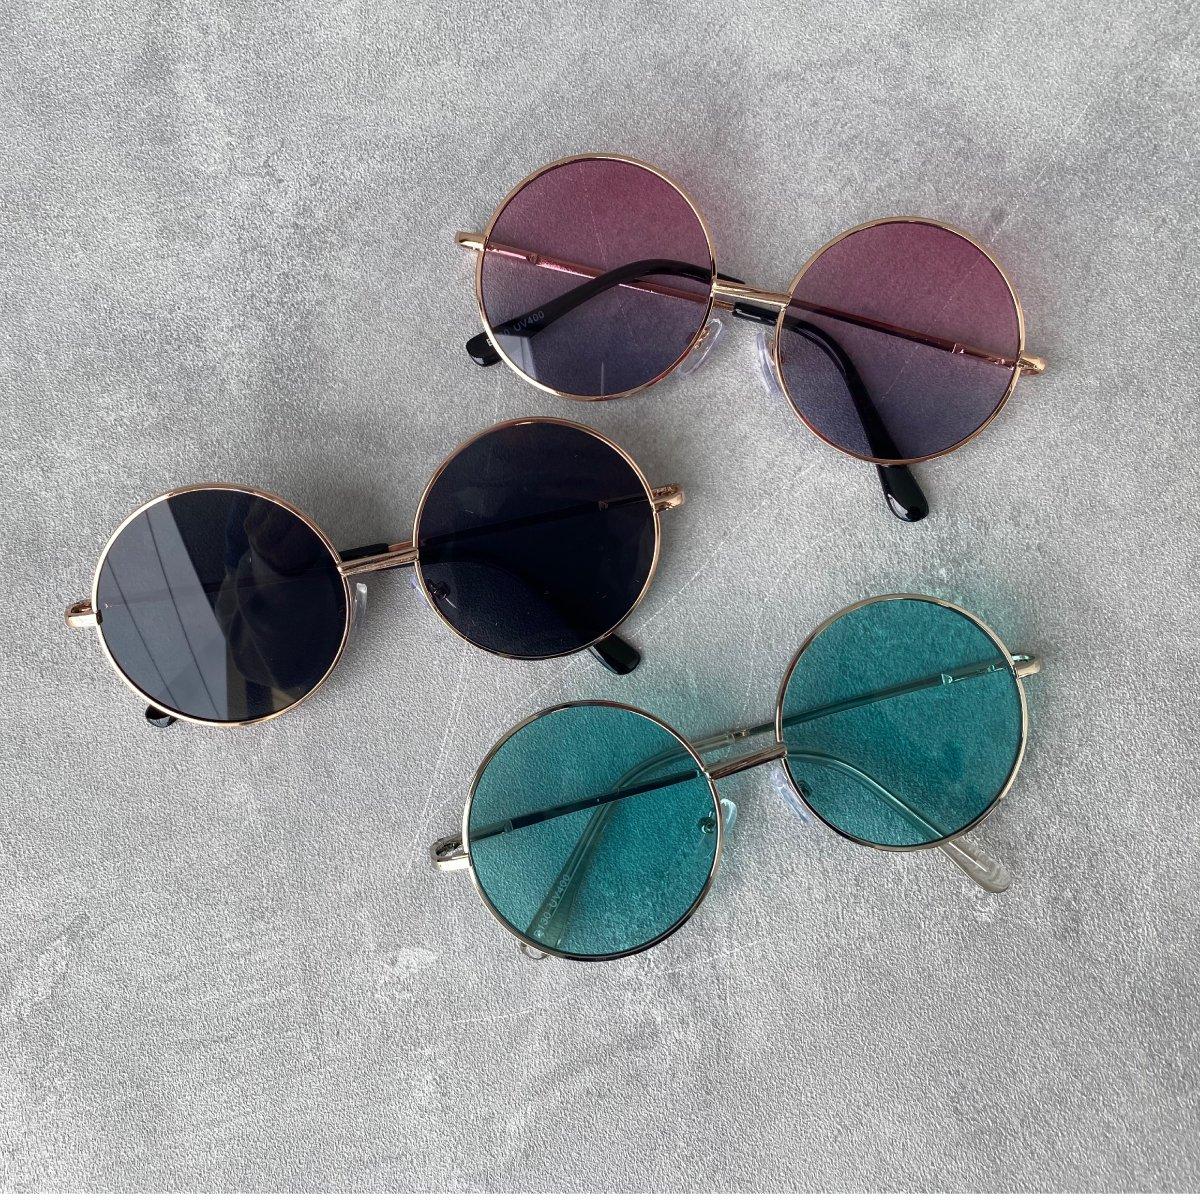 【KIDS】Kids Maru Sunglasses 詳細画像4